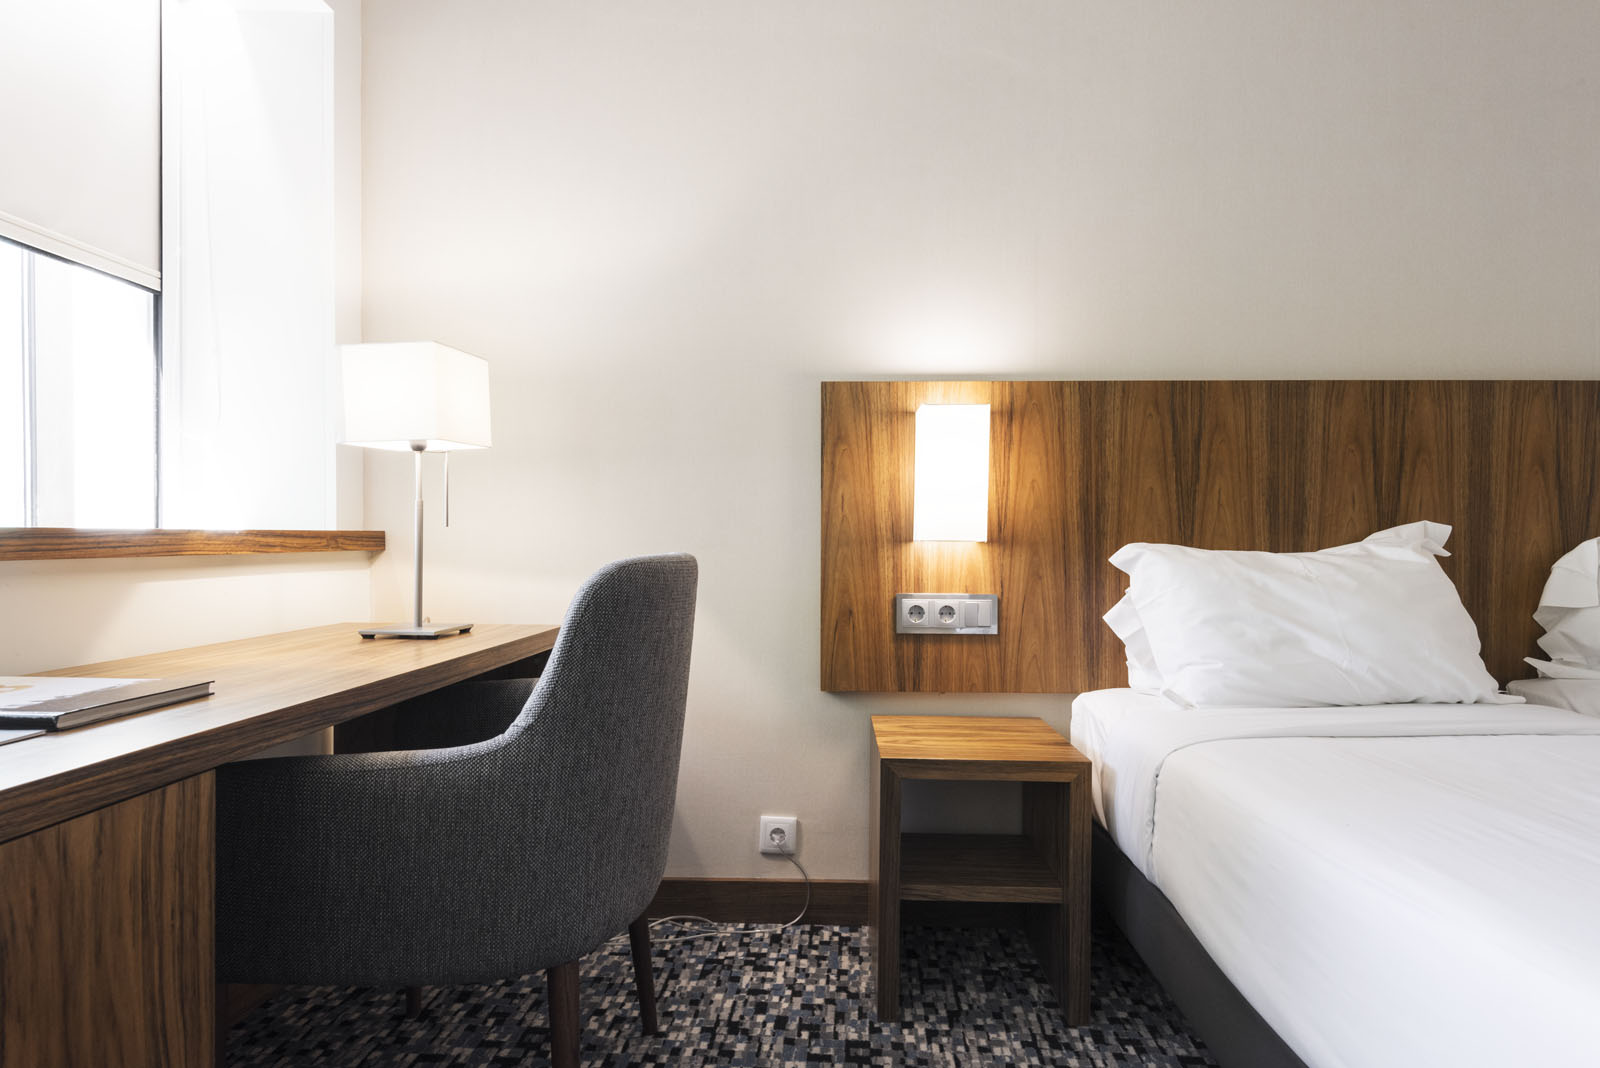 HotelAltis_20170601_0037.jpg